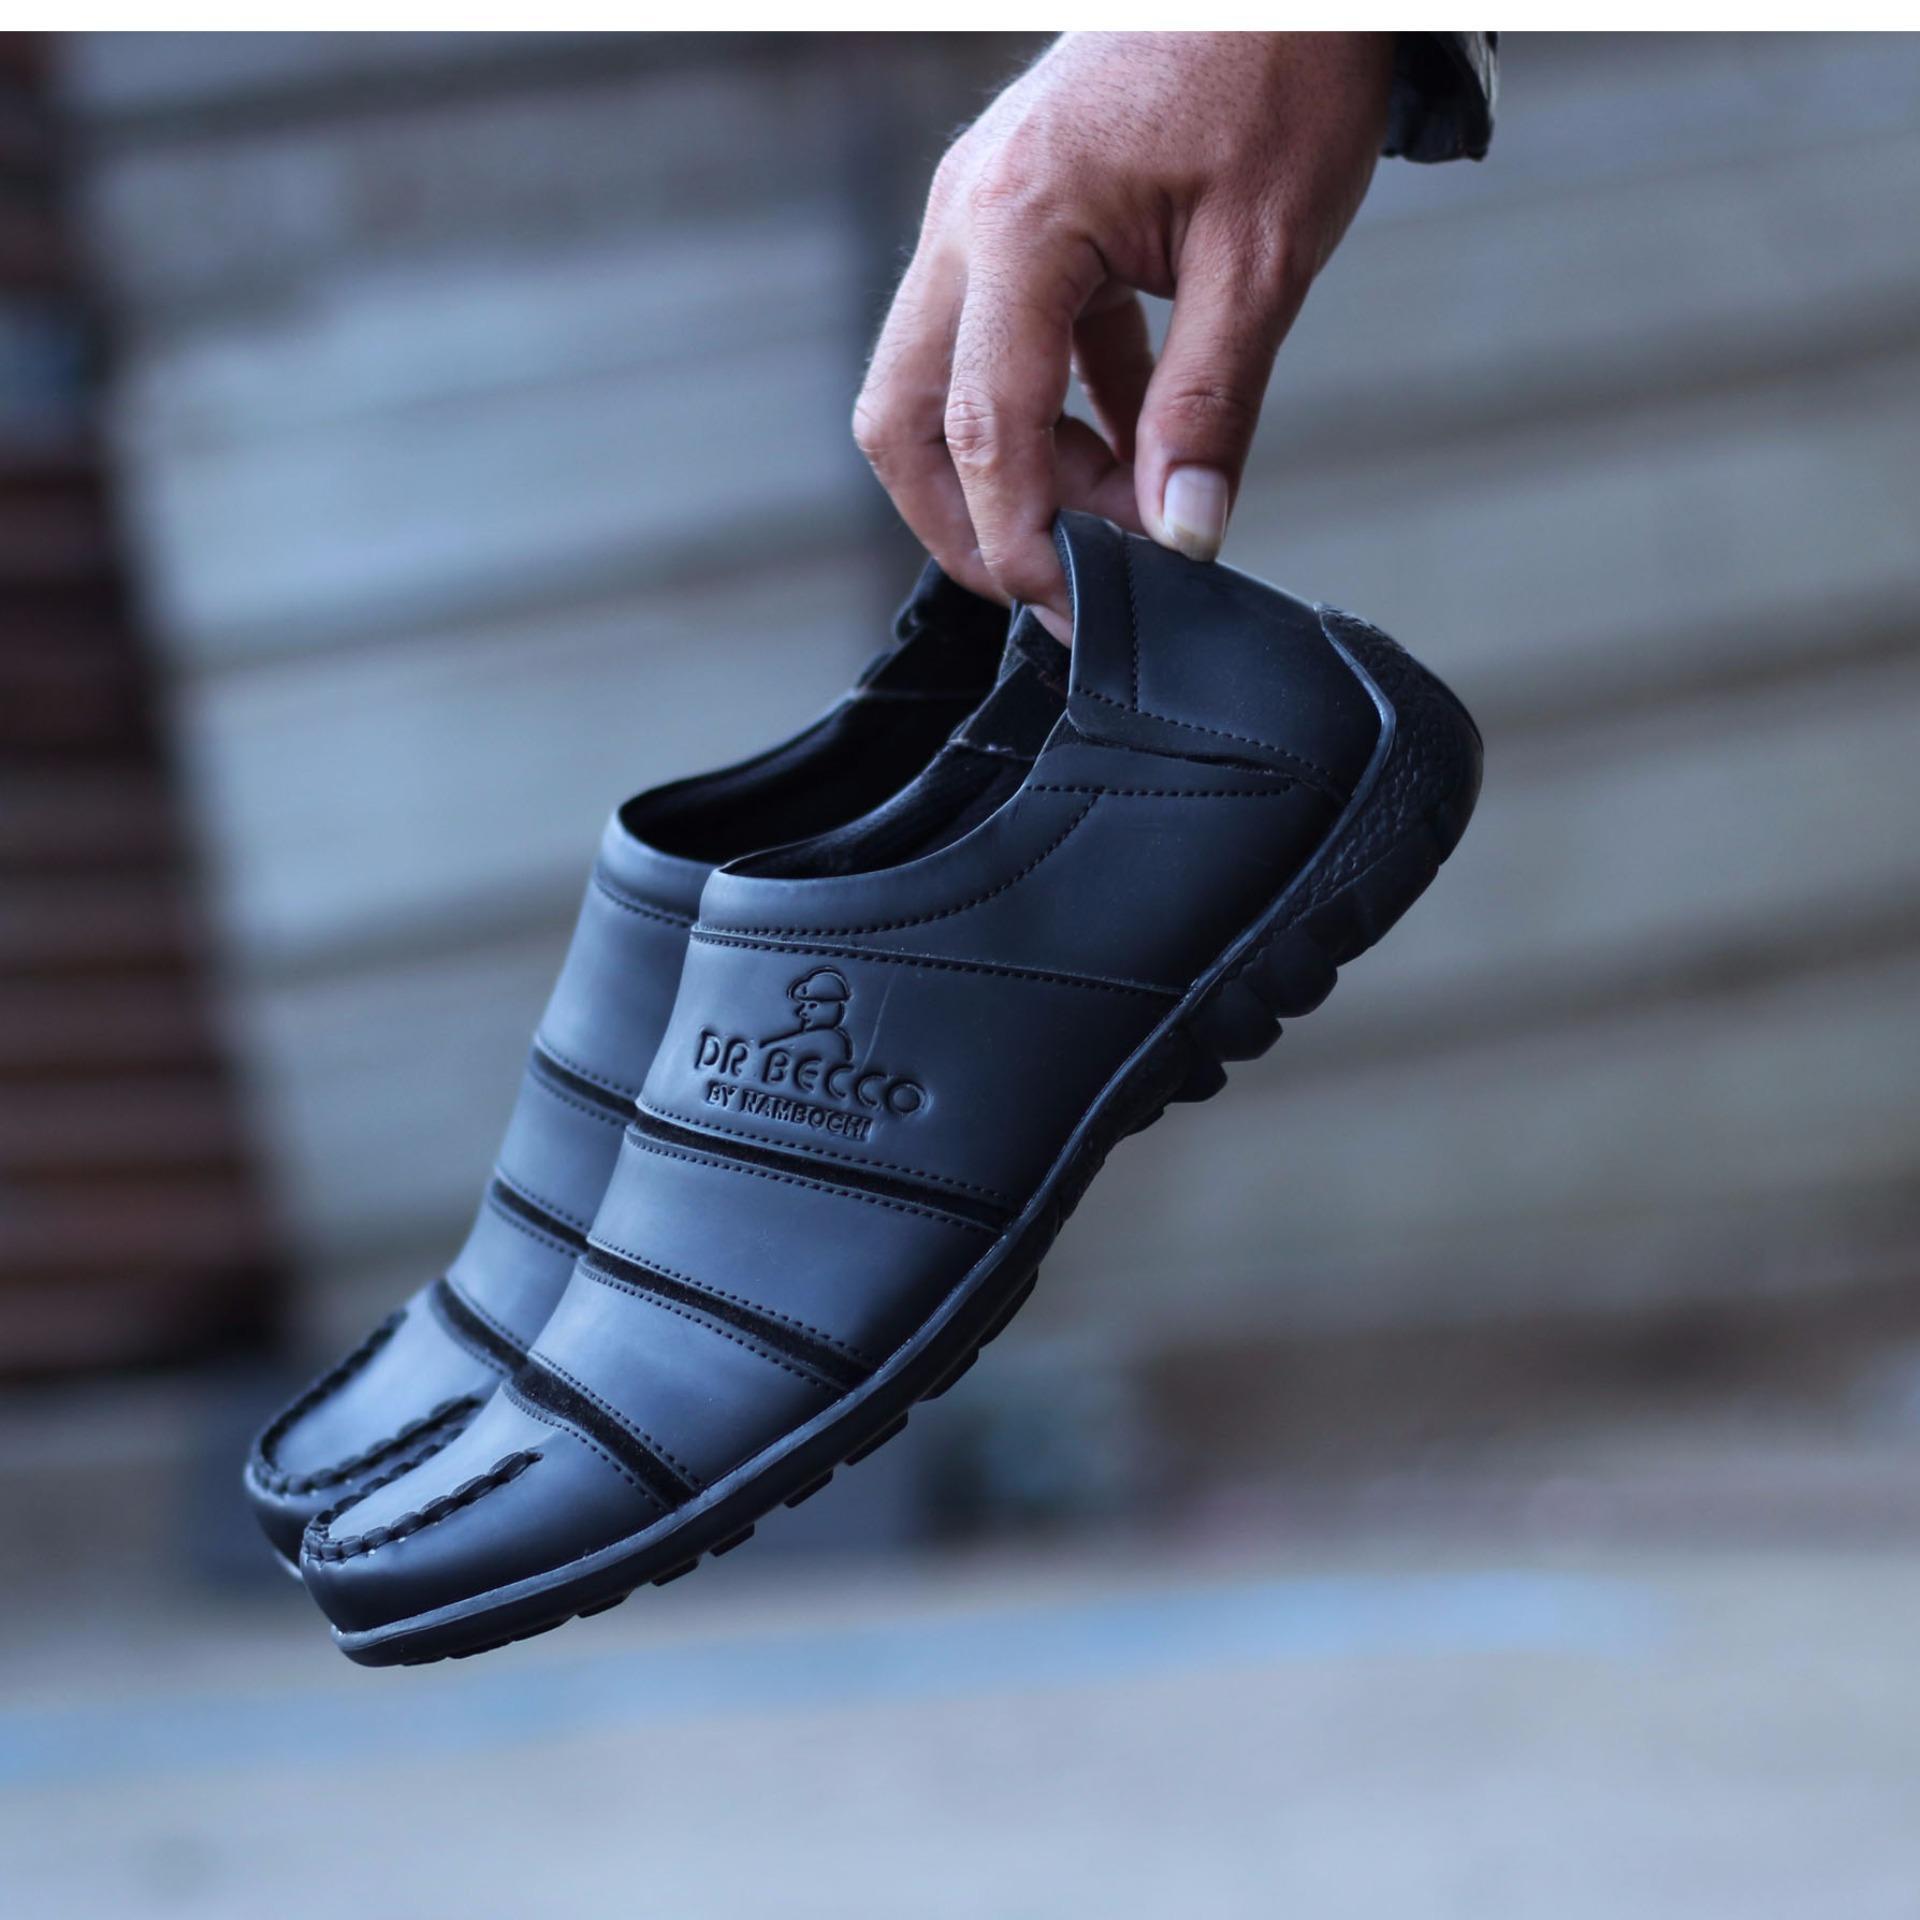 Ongkos Kirim Dr Becco Sepatu Original Slipon Loafer Pria Di Indonesia